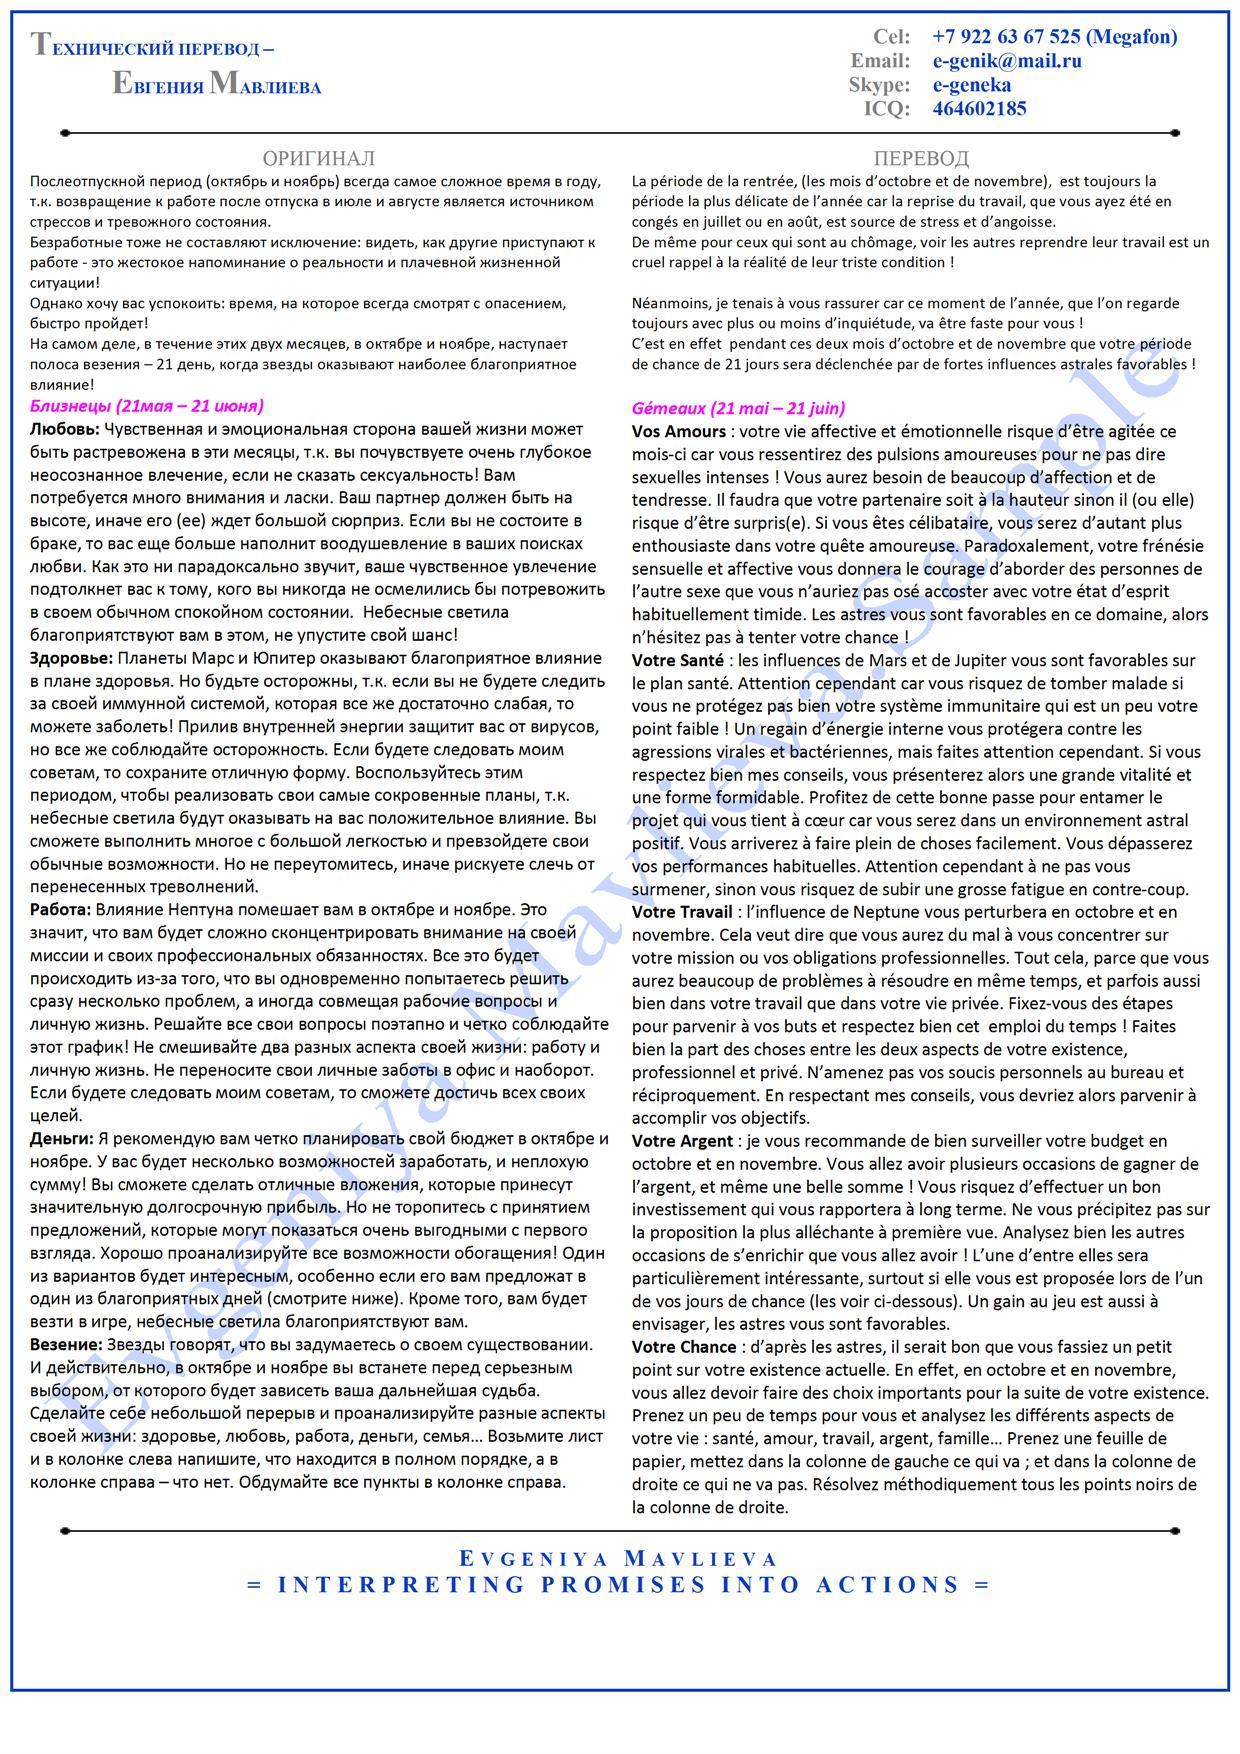 Предсказания и гороскопы RU>FR